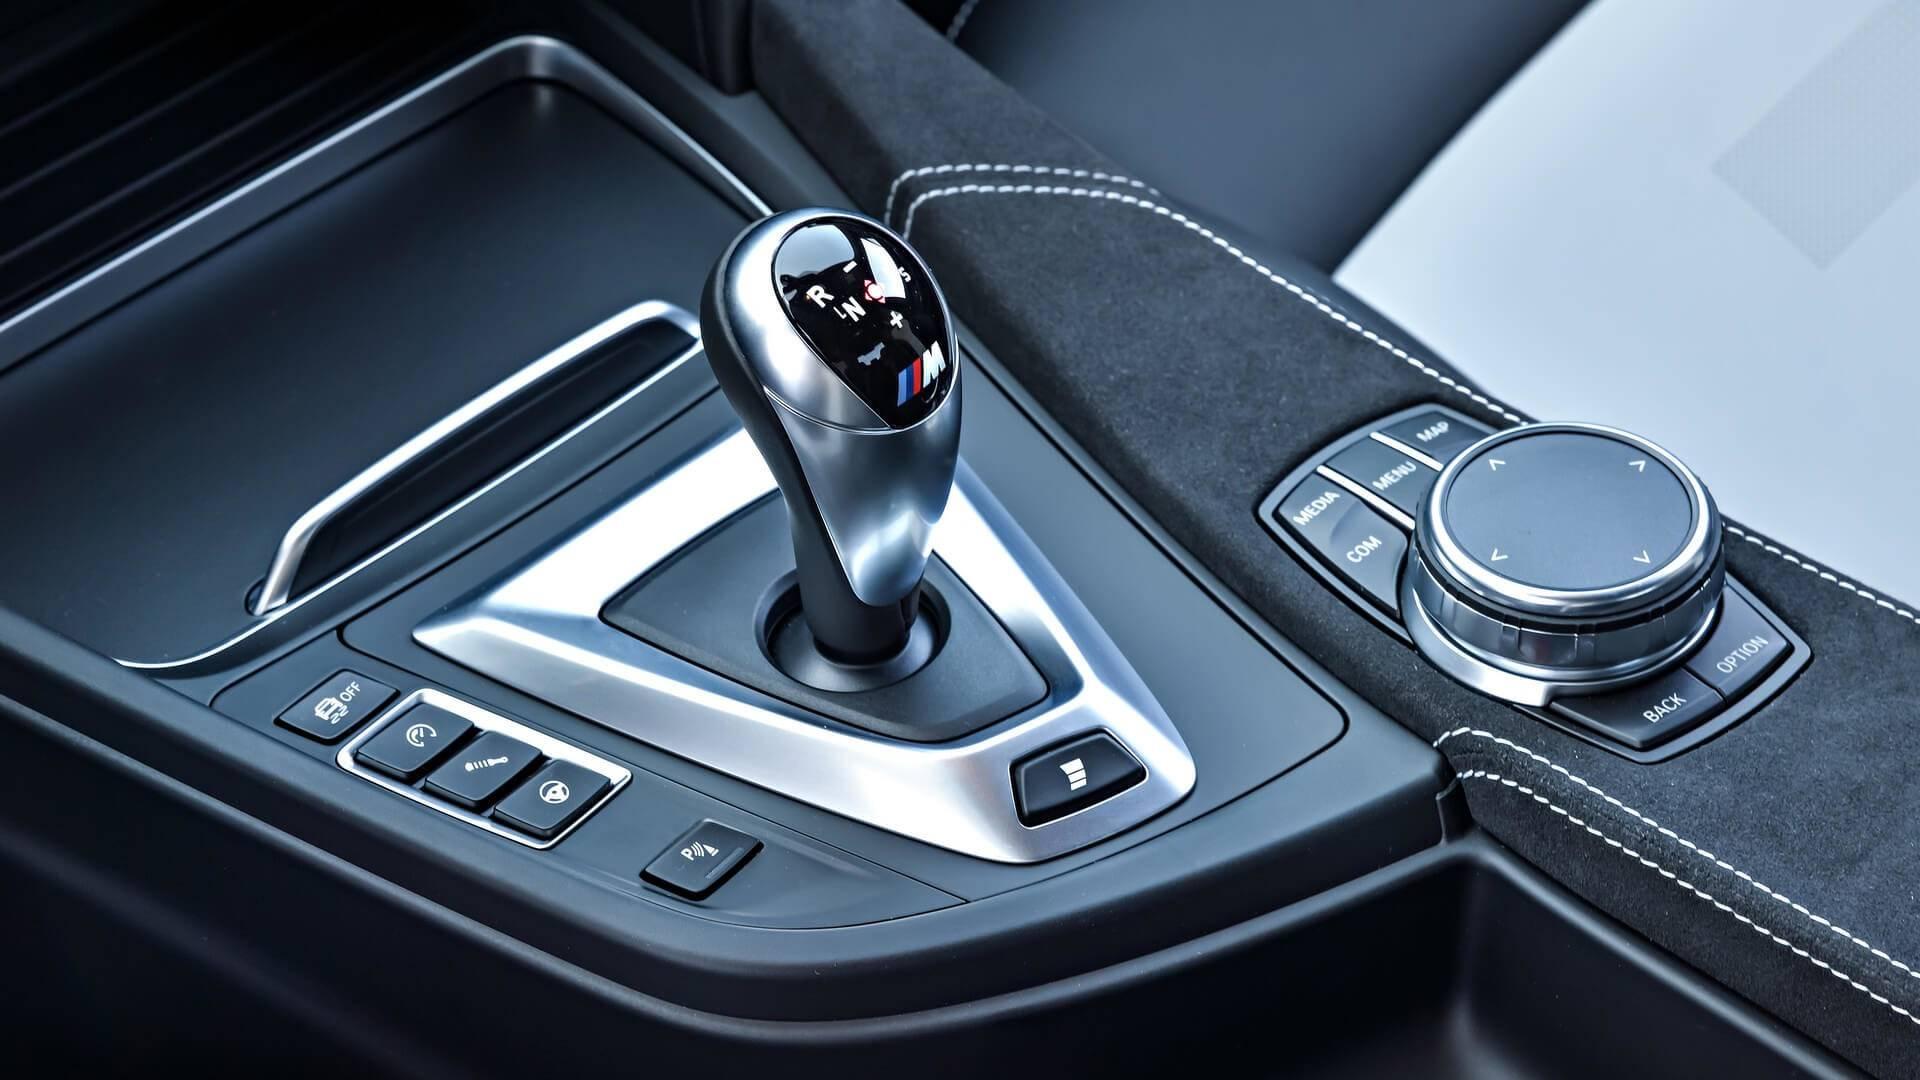 آموزش رانندگی با خودروهای دنده اتوماتیک